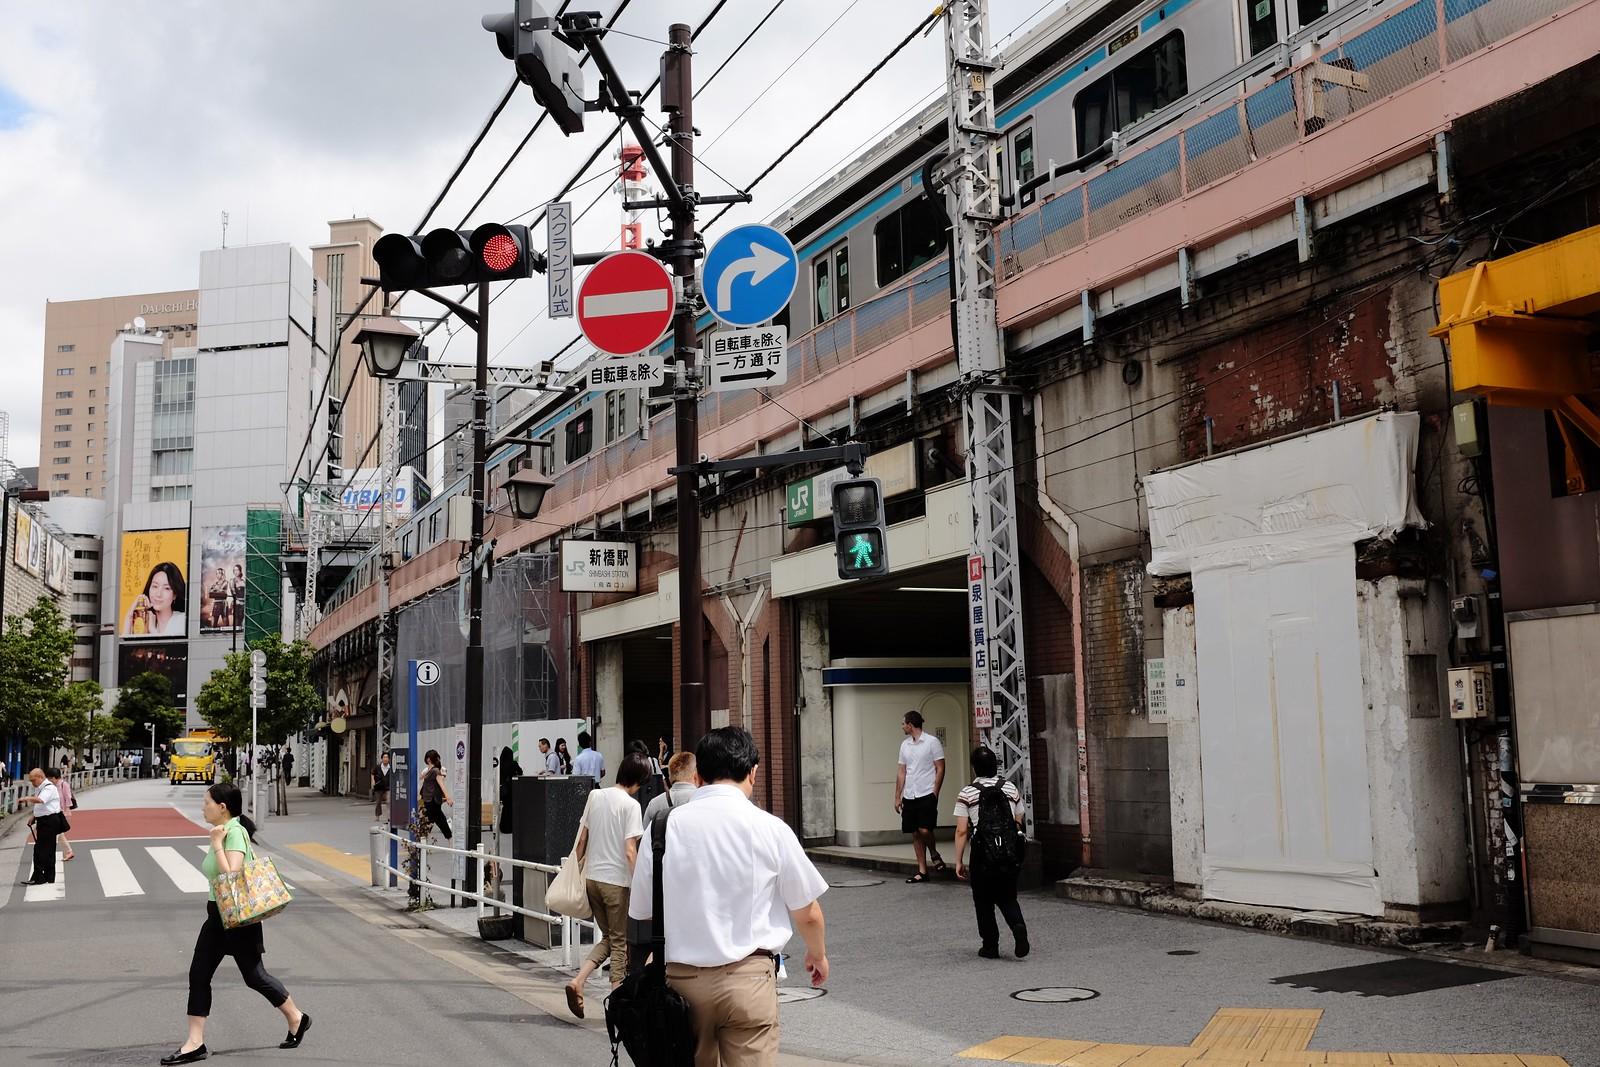 The Shinbashi station in Tokyo, Japan.